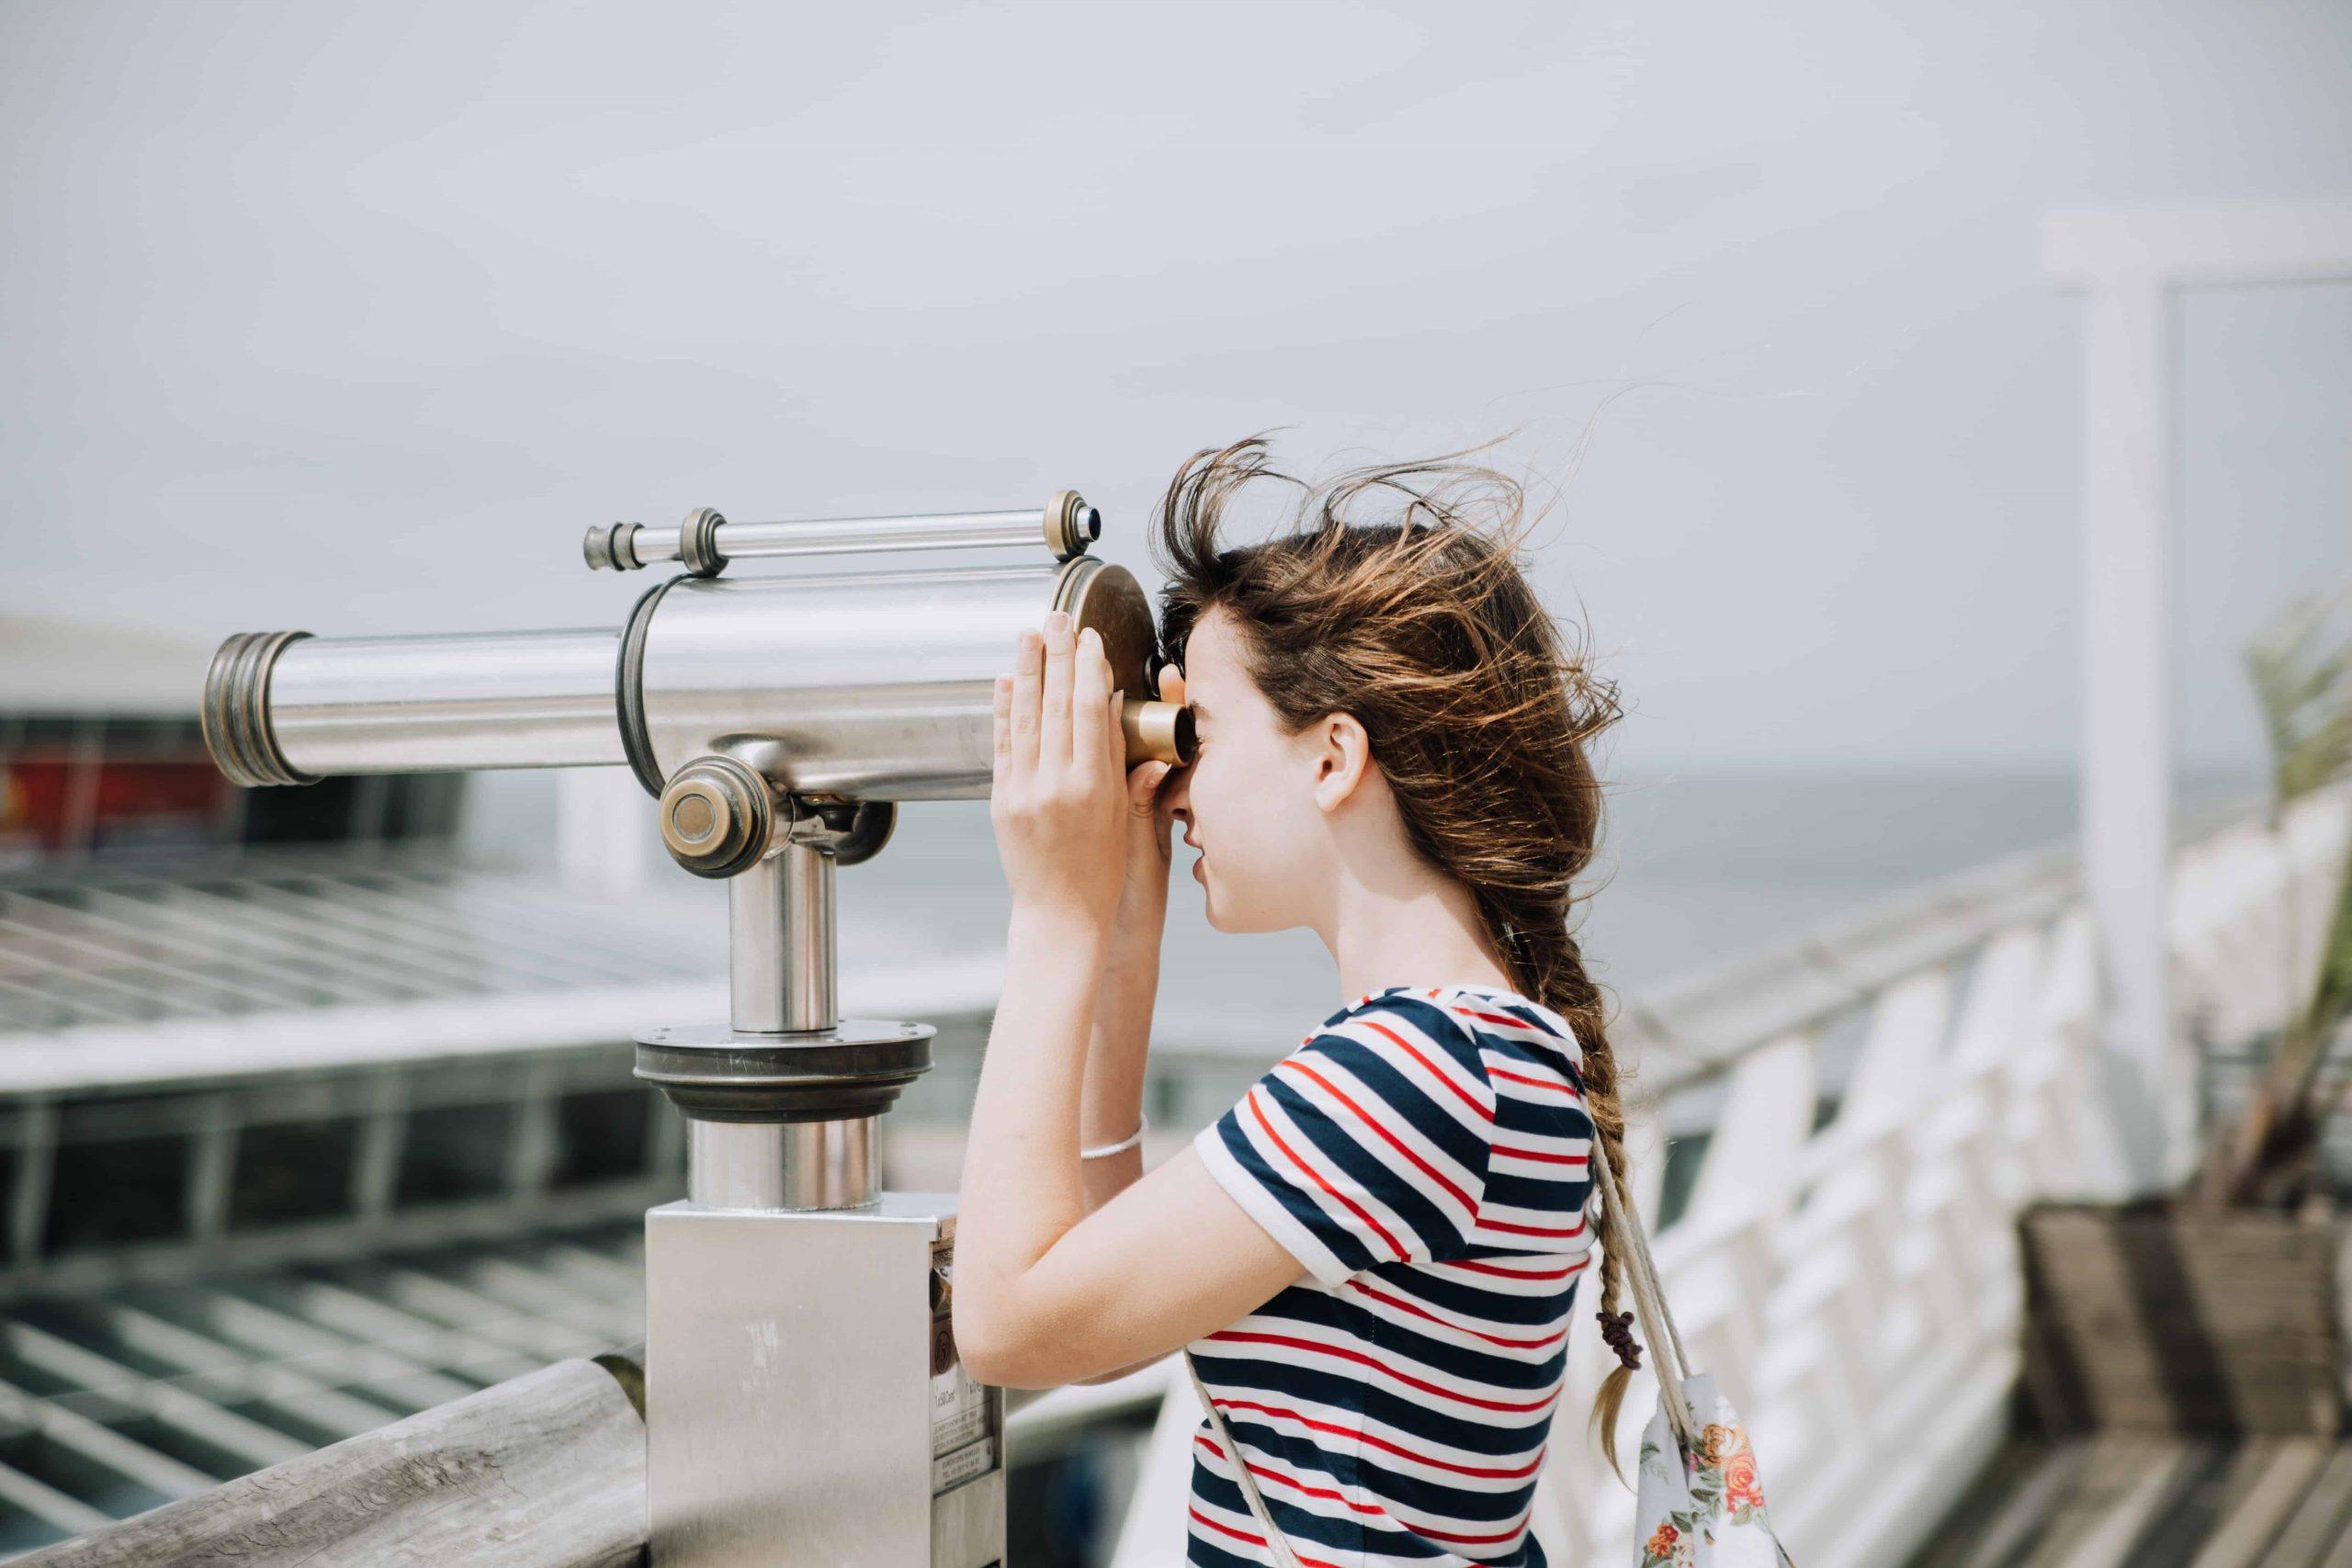 Spiegelteleskop: Test & Empfehlungen (04/20)